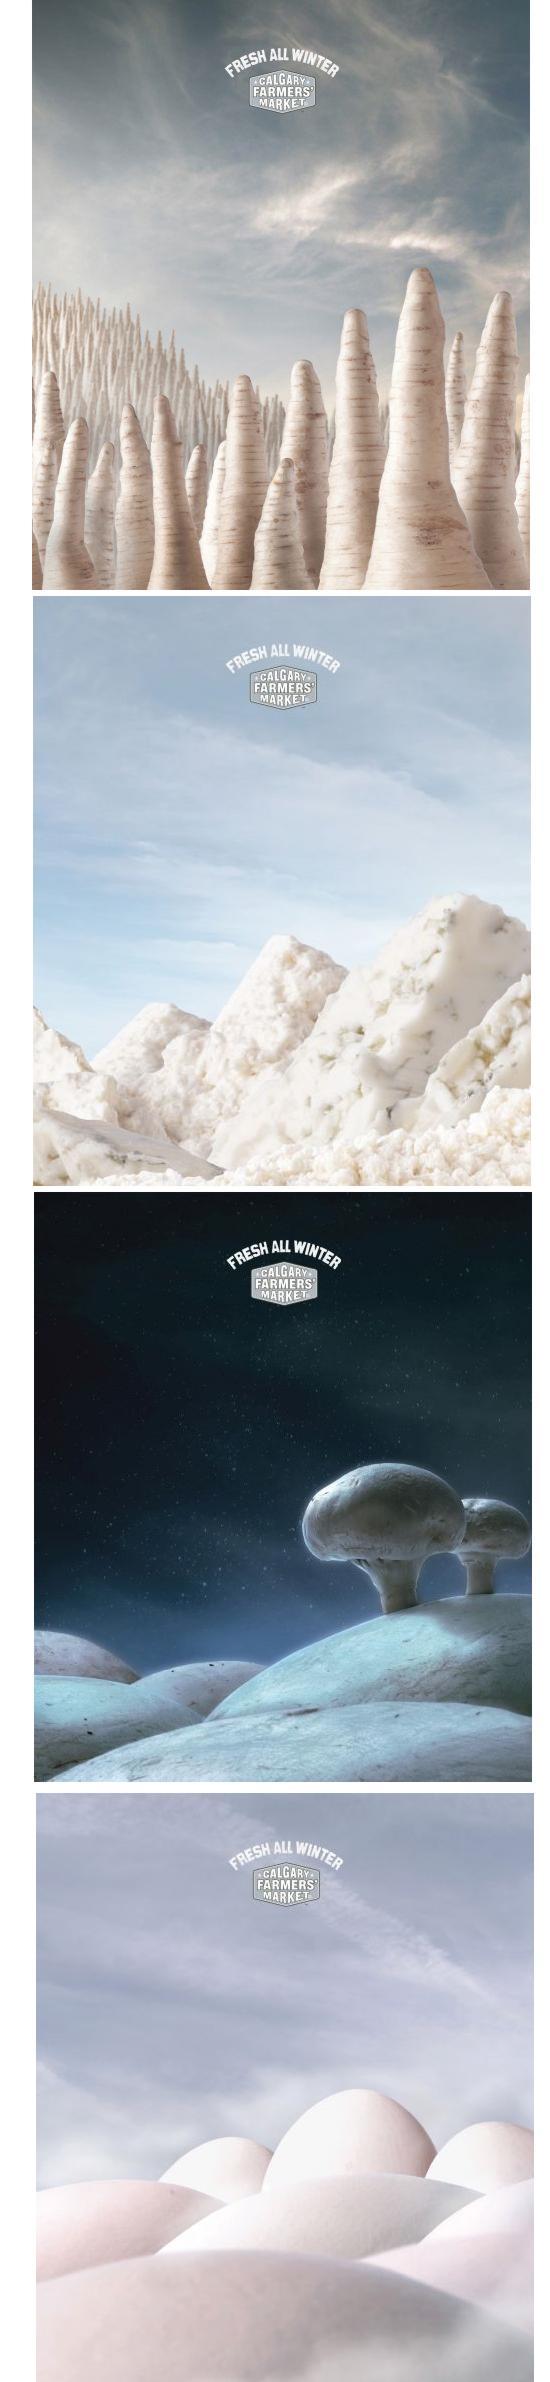 fresh ad